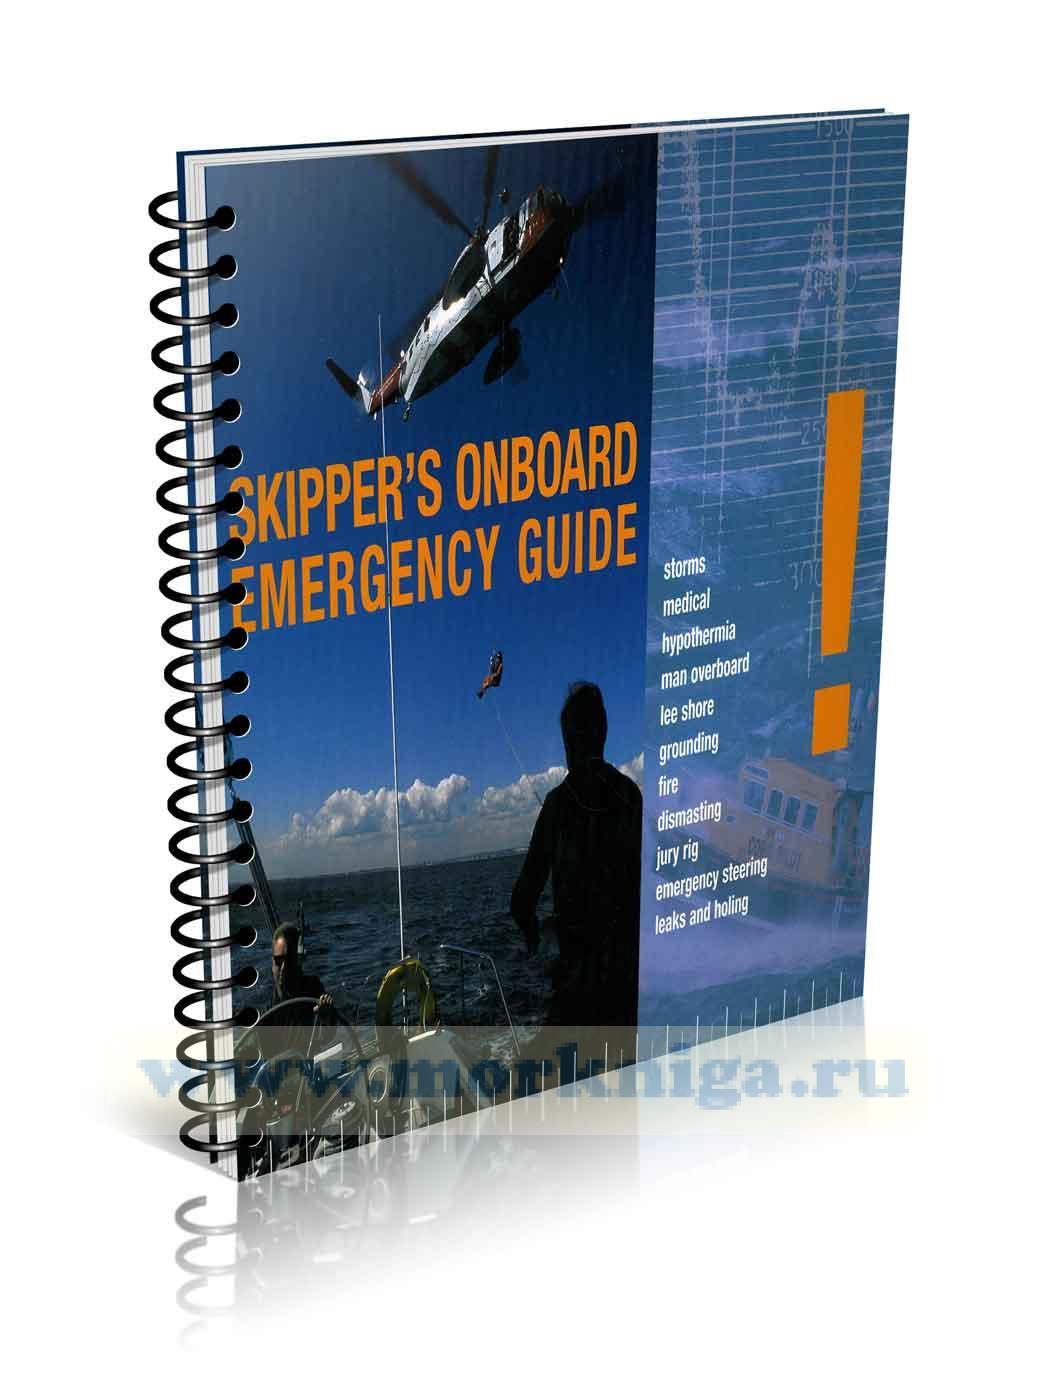 Skipper's Onboard Emergency Guide